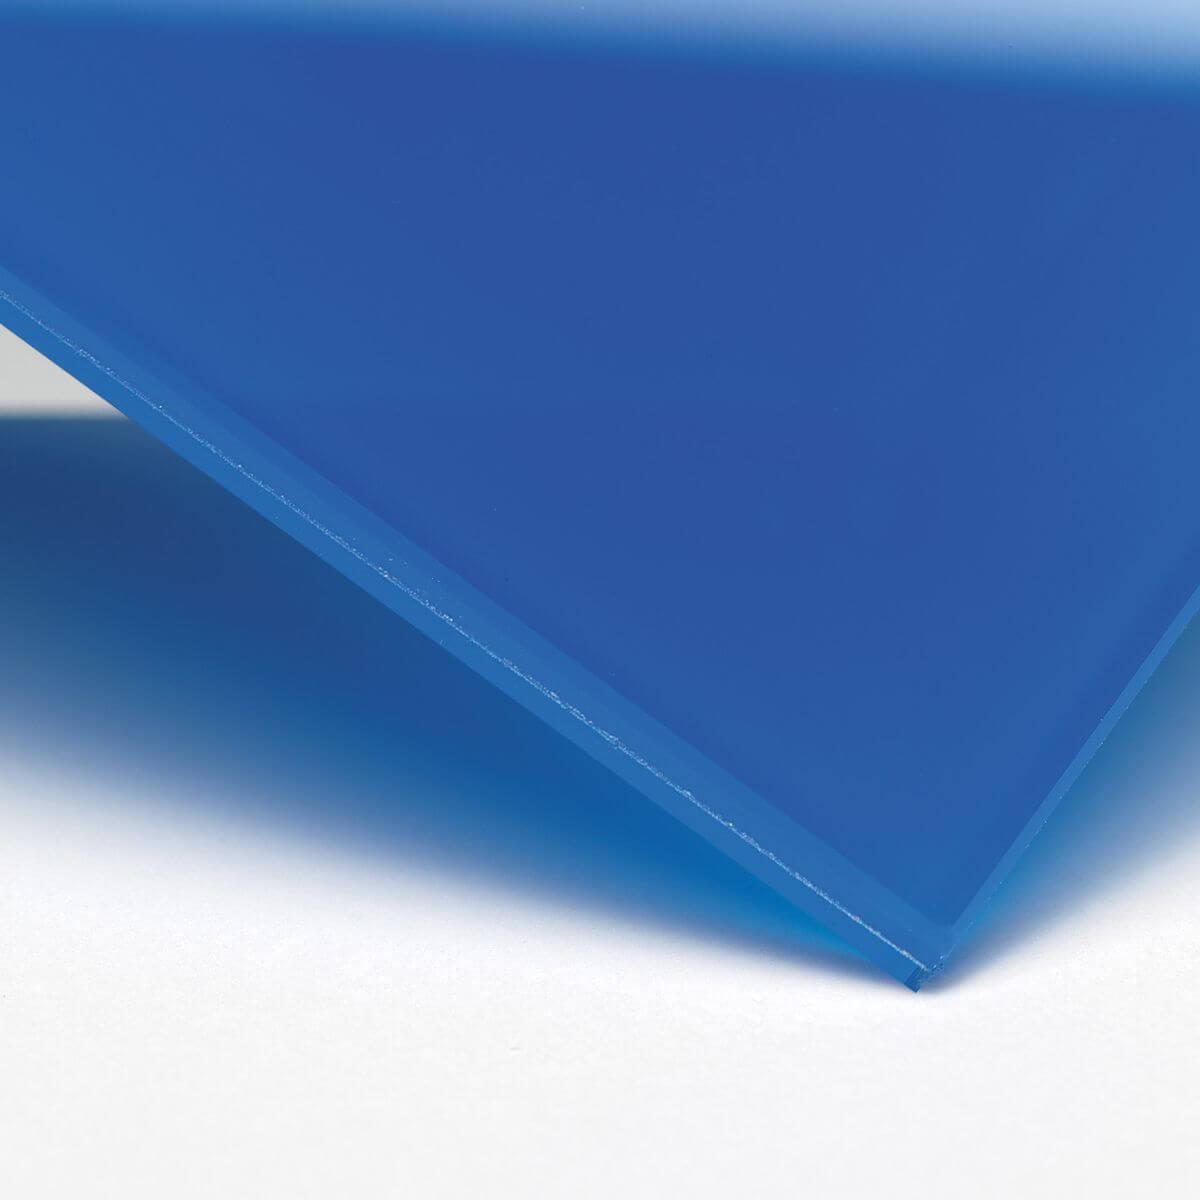 Finitura: Vetro con pellicola interna blu coprente